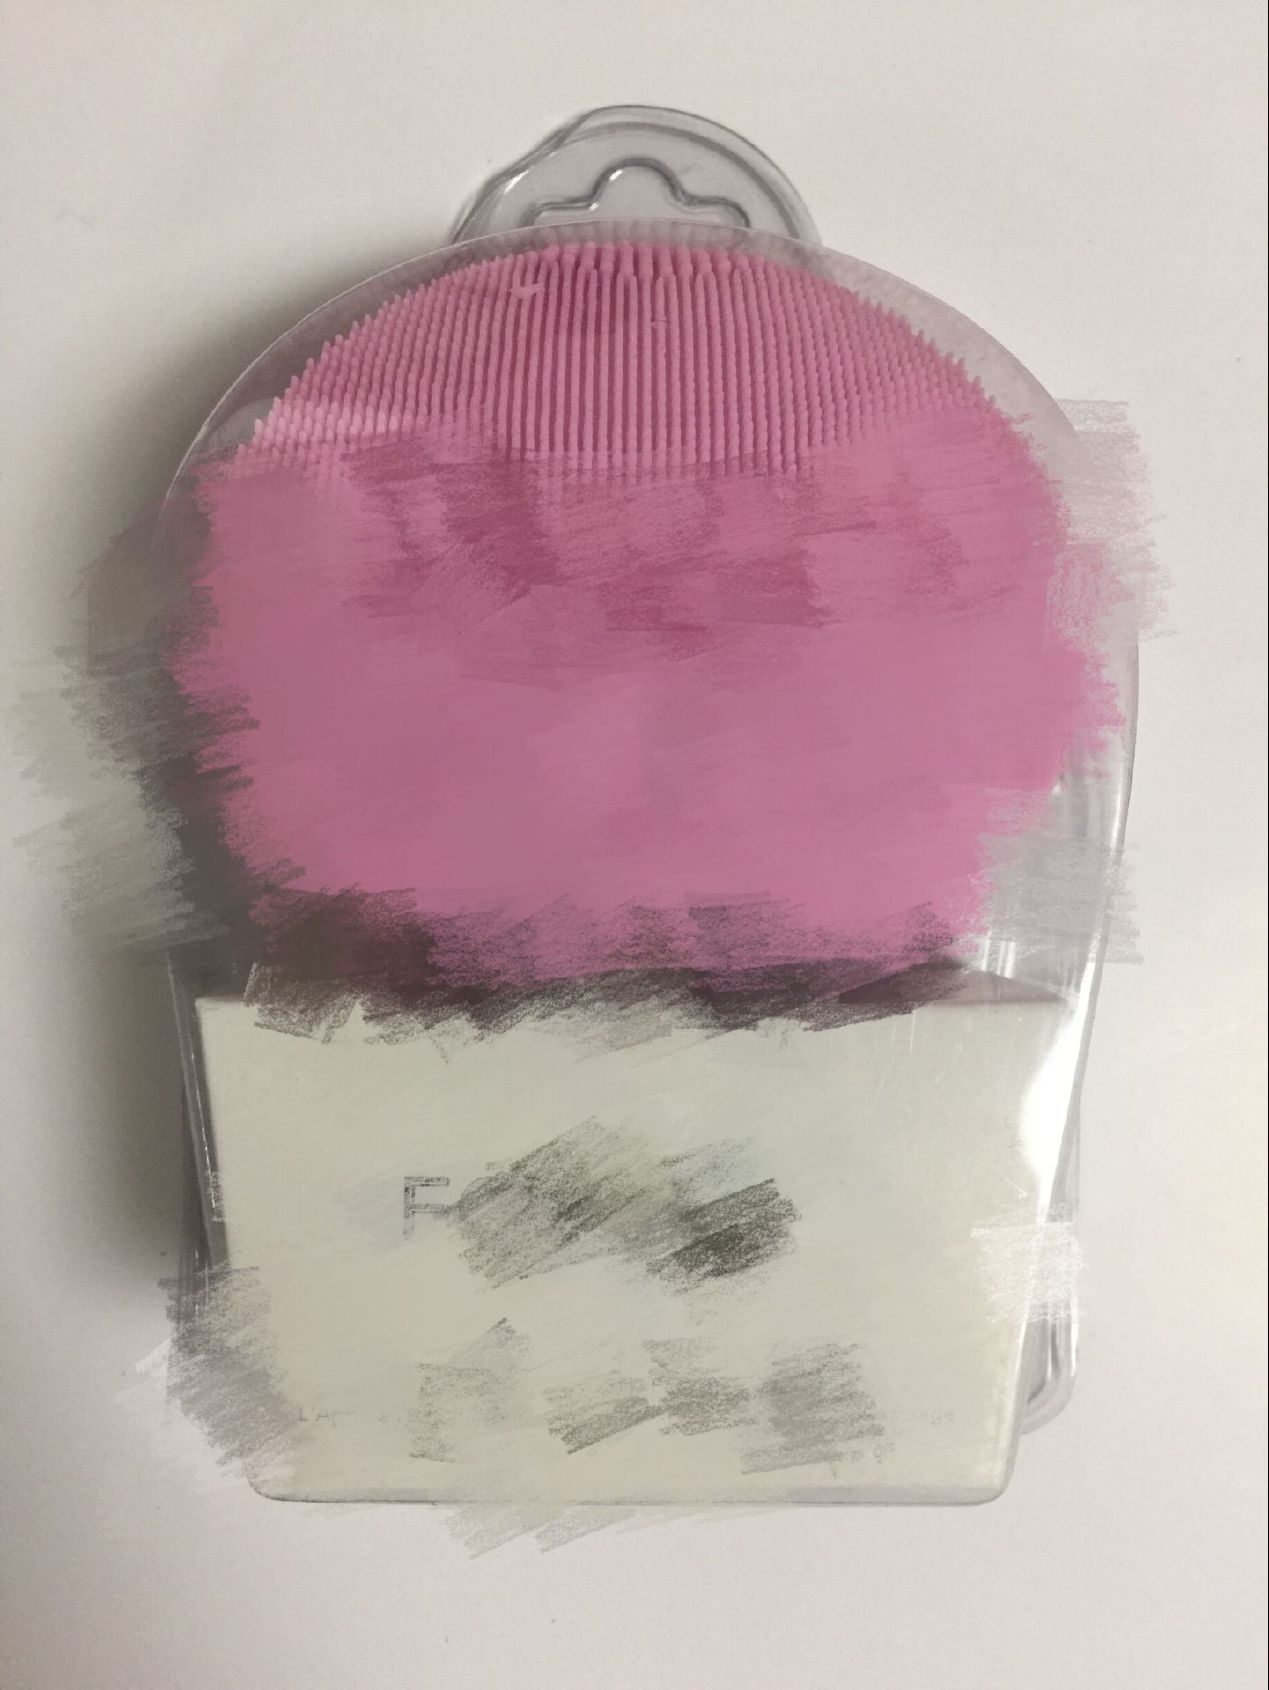 lu潔面儀 硅膠超聲波震動洗臉儀 廠家直銷